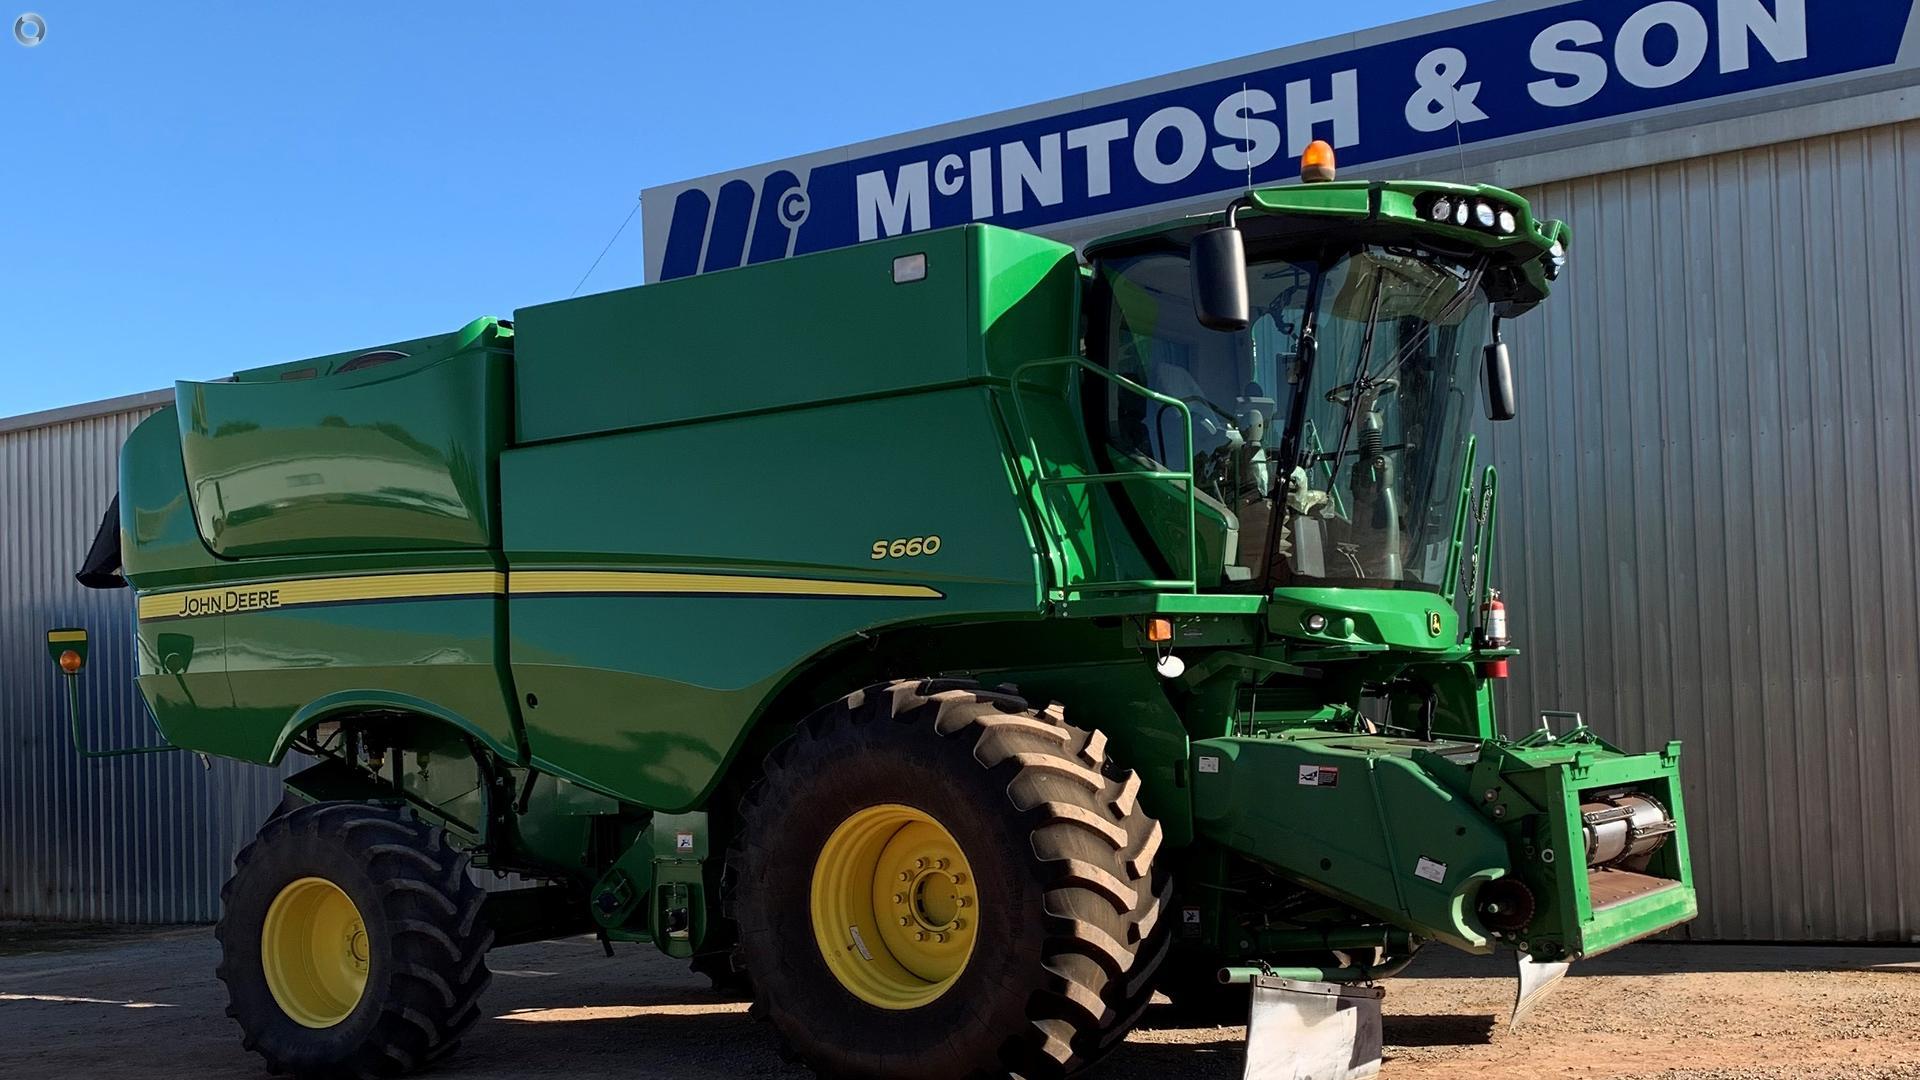 2013 John Deere S660 Harvester